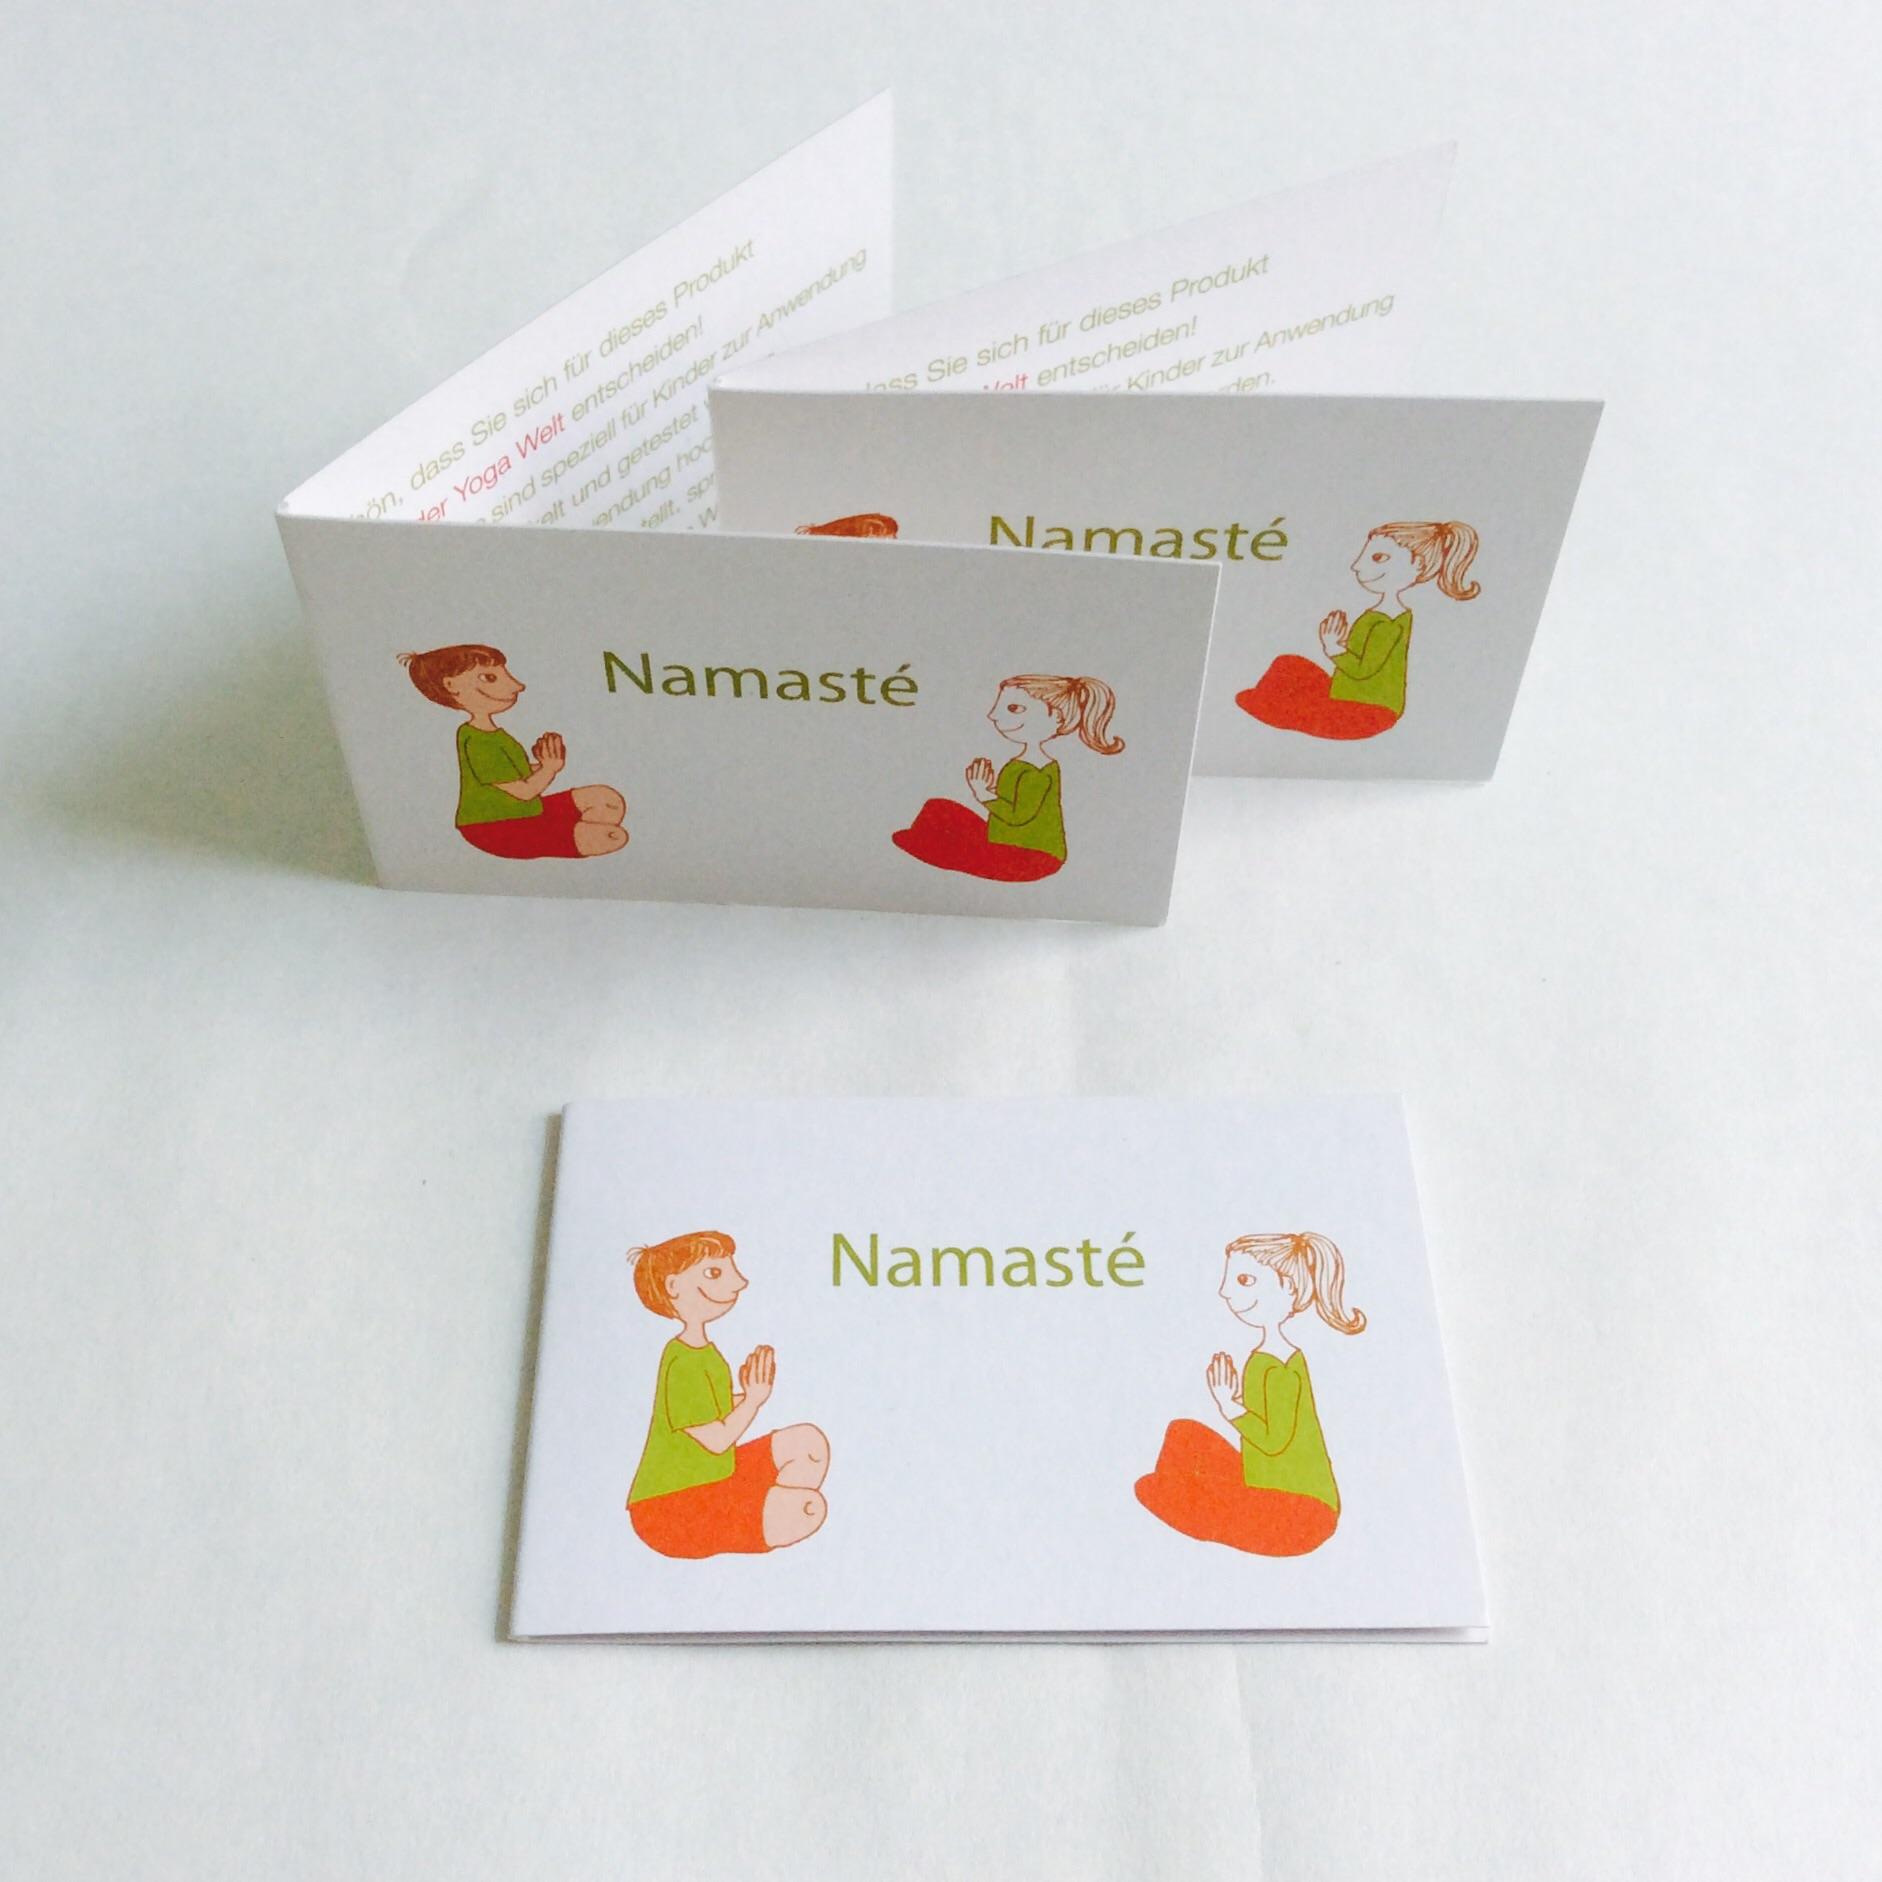 Produktkarte Namasté